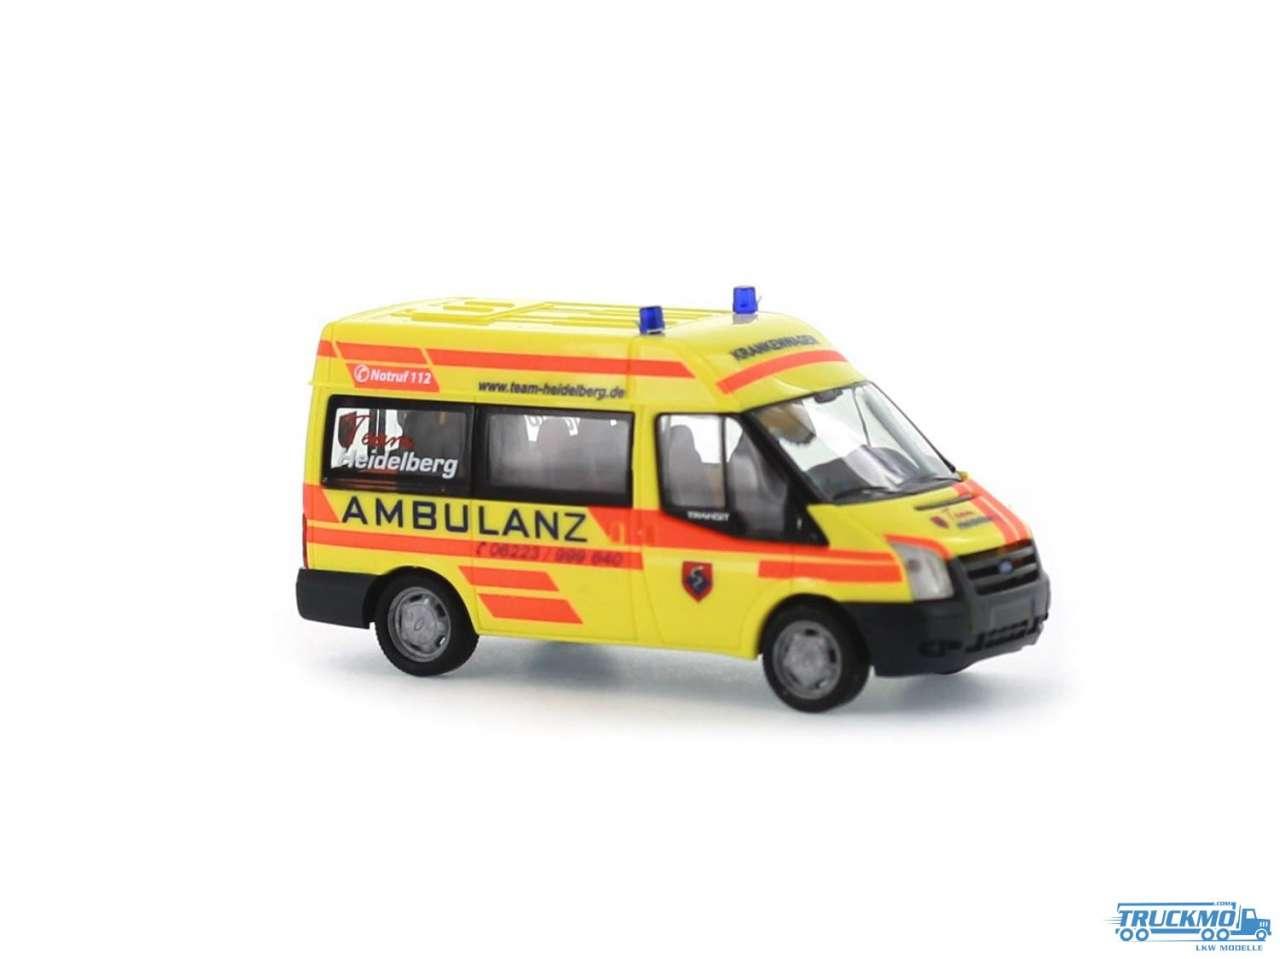 Rietze Ambulanz Heidelberg Ford Transit 06 52526